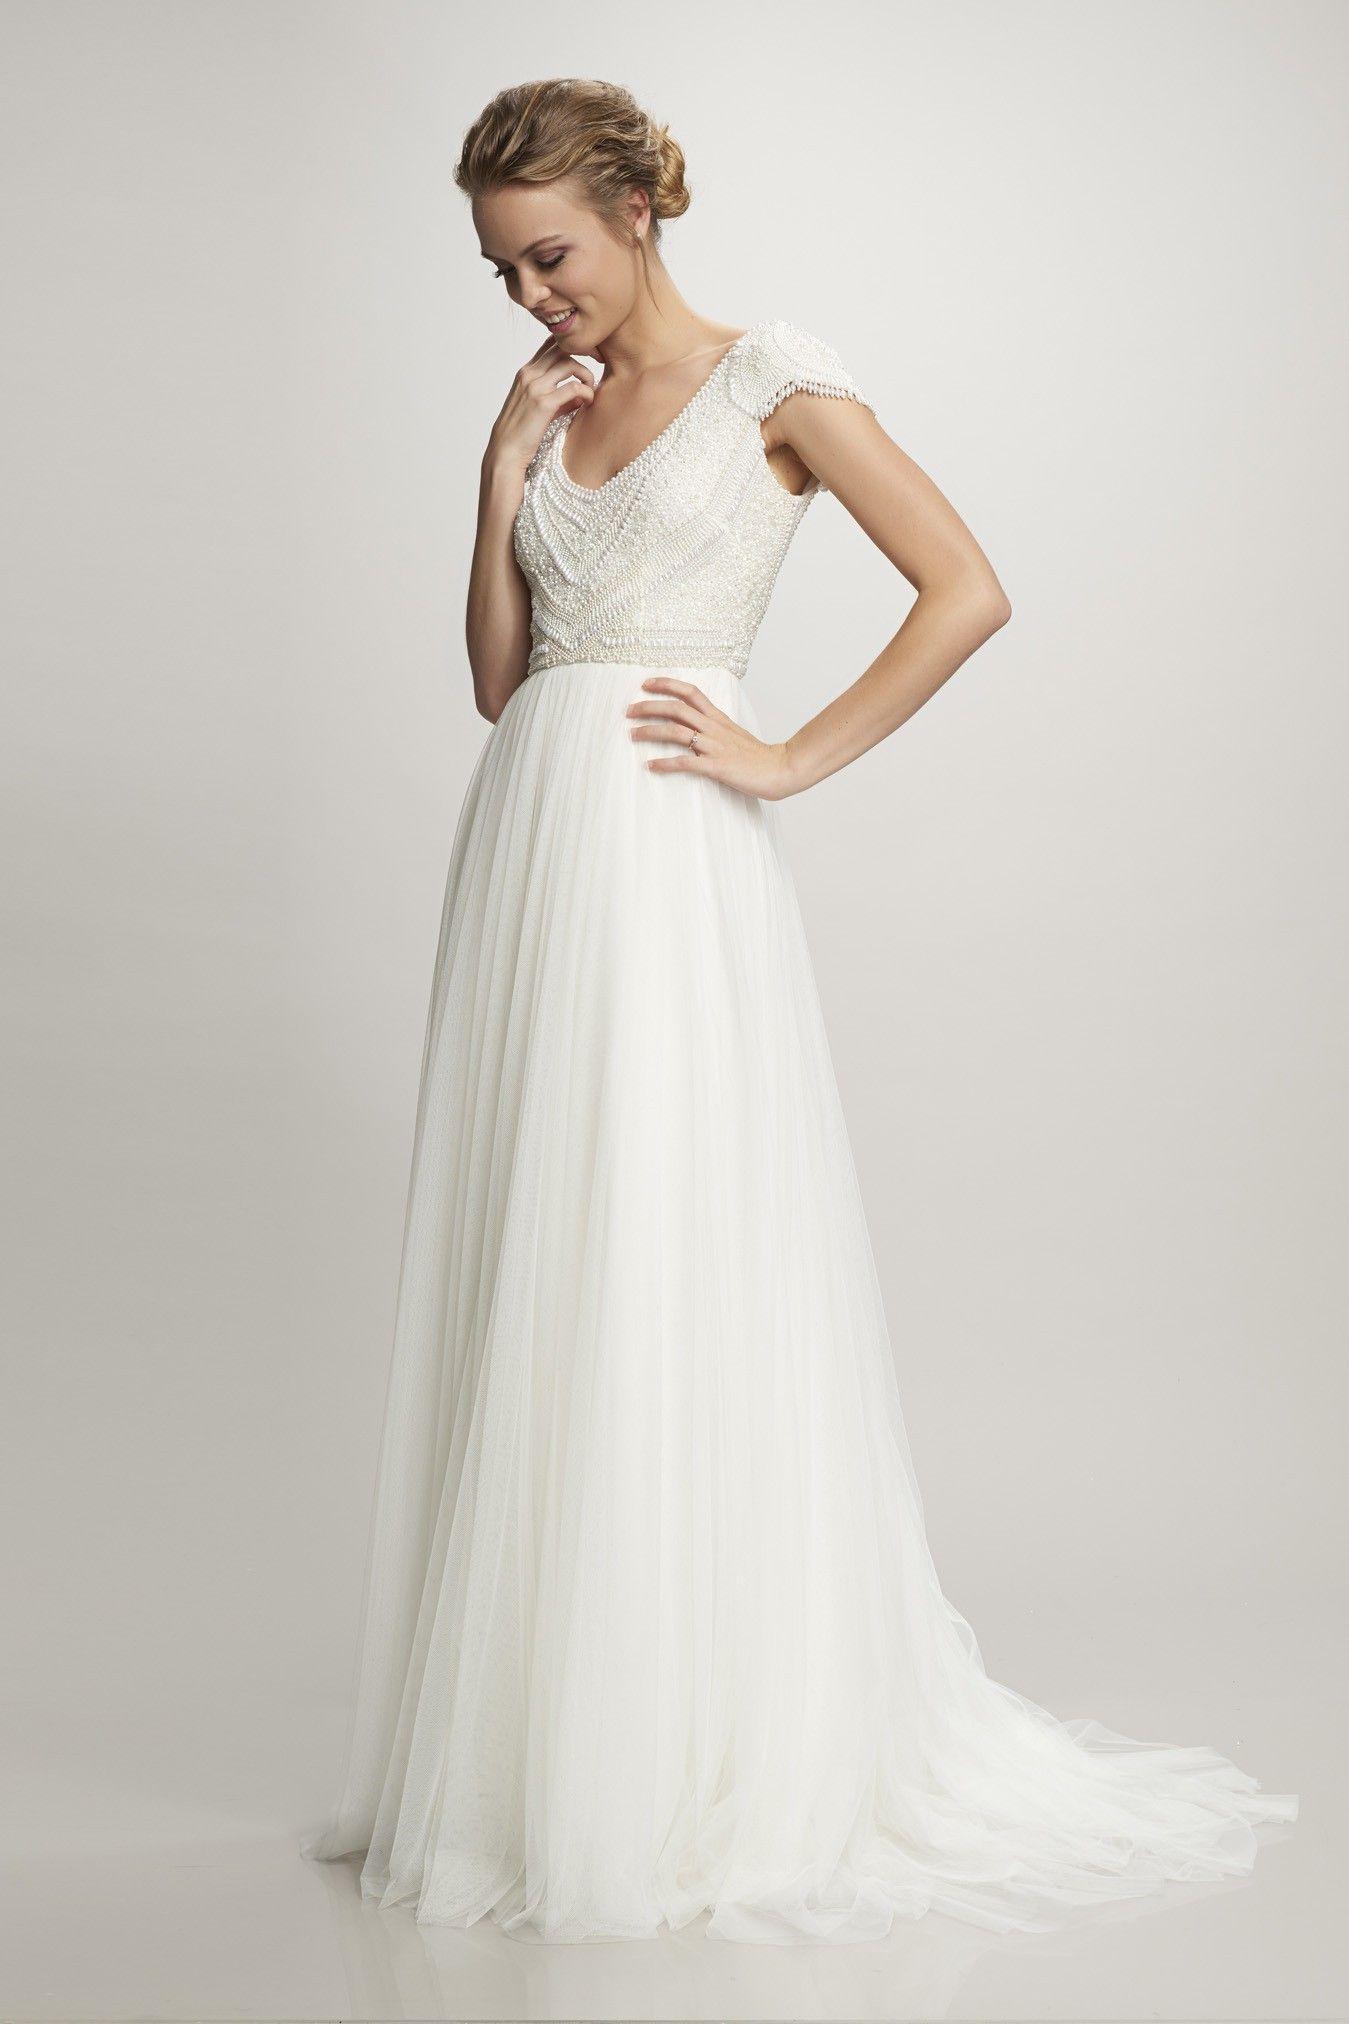 Theia Couture Nima Wedding Dress | wedding dress | Pinterest ...